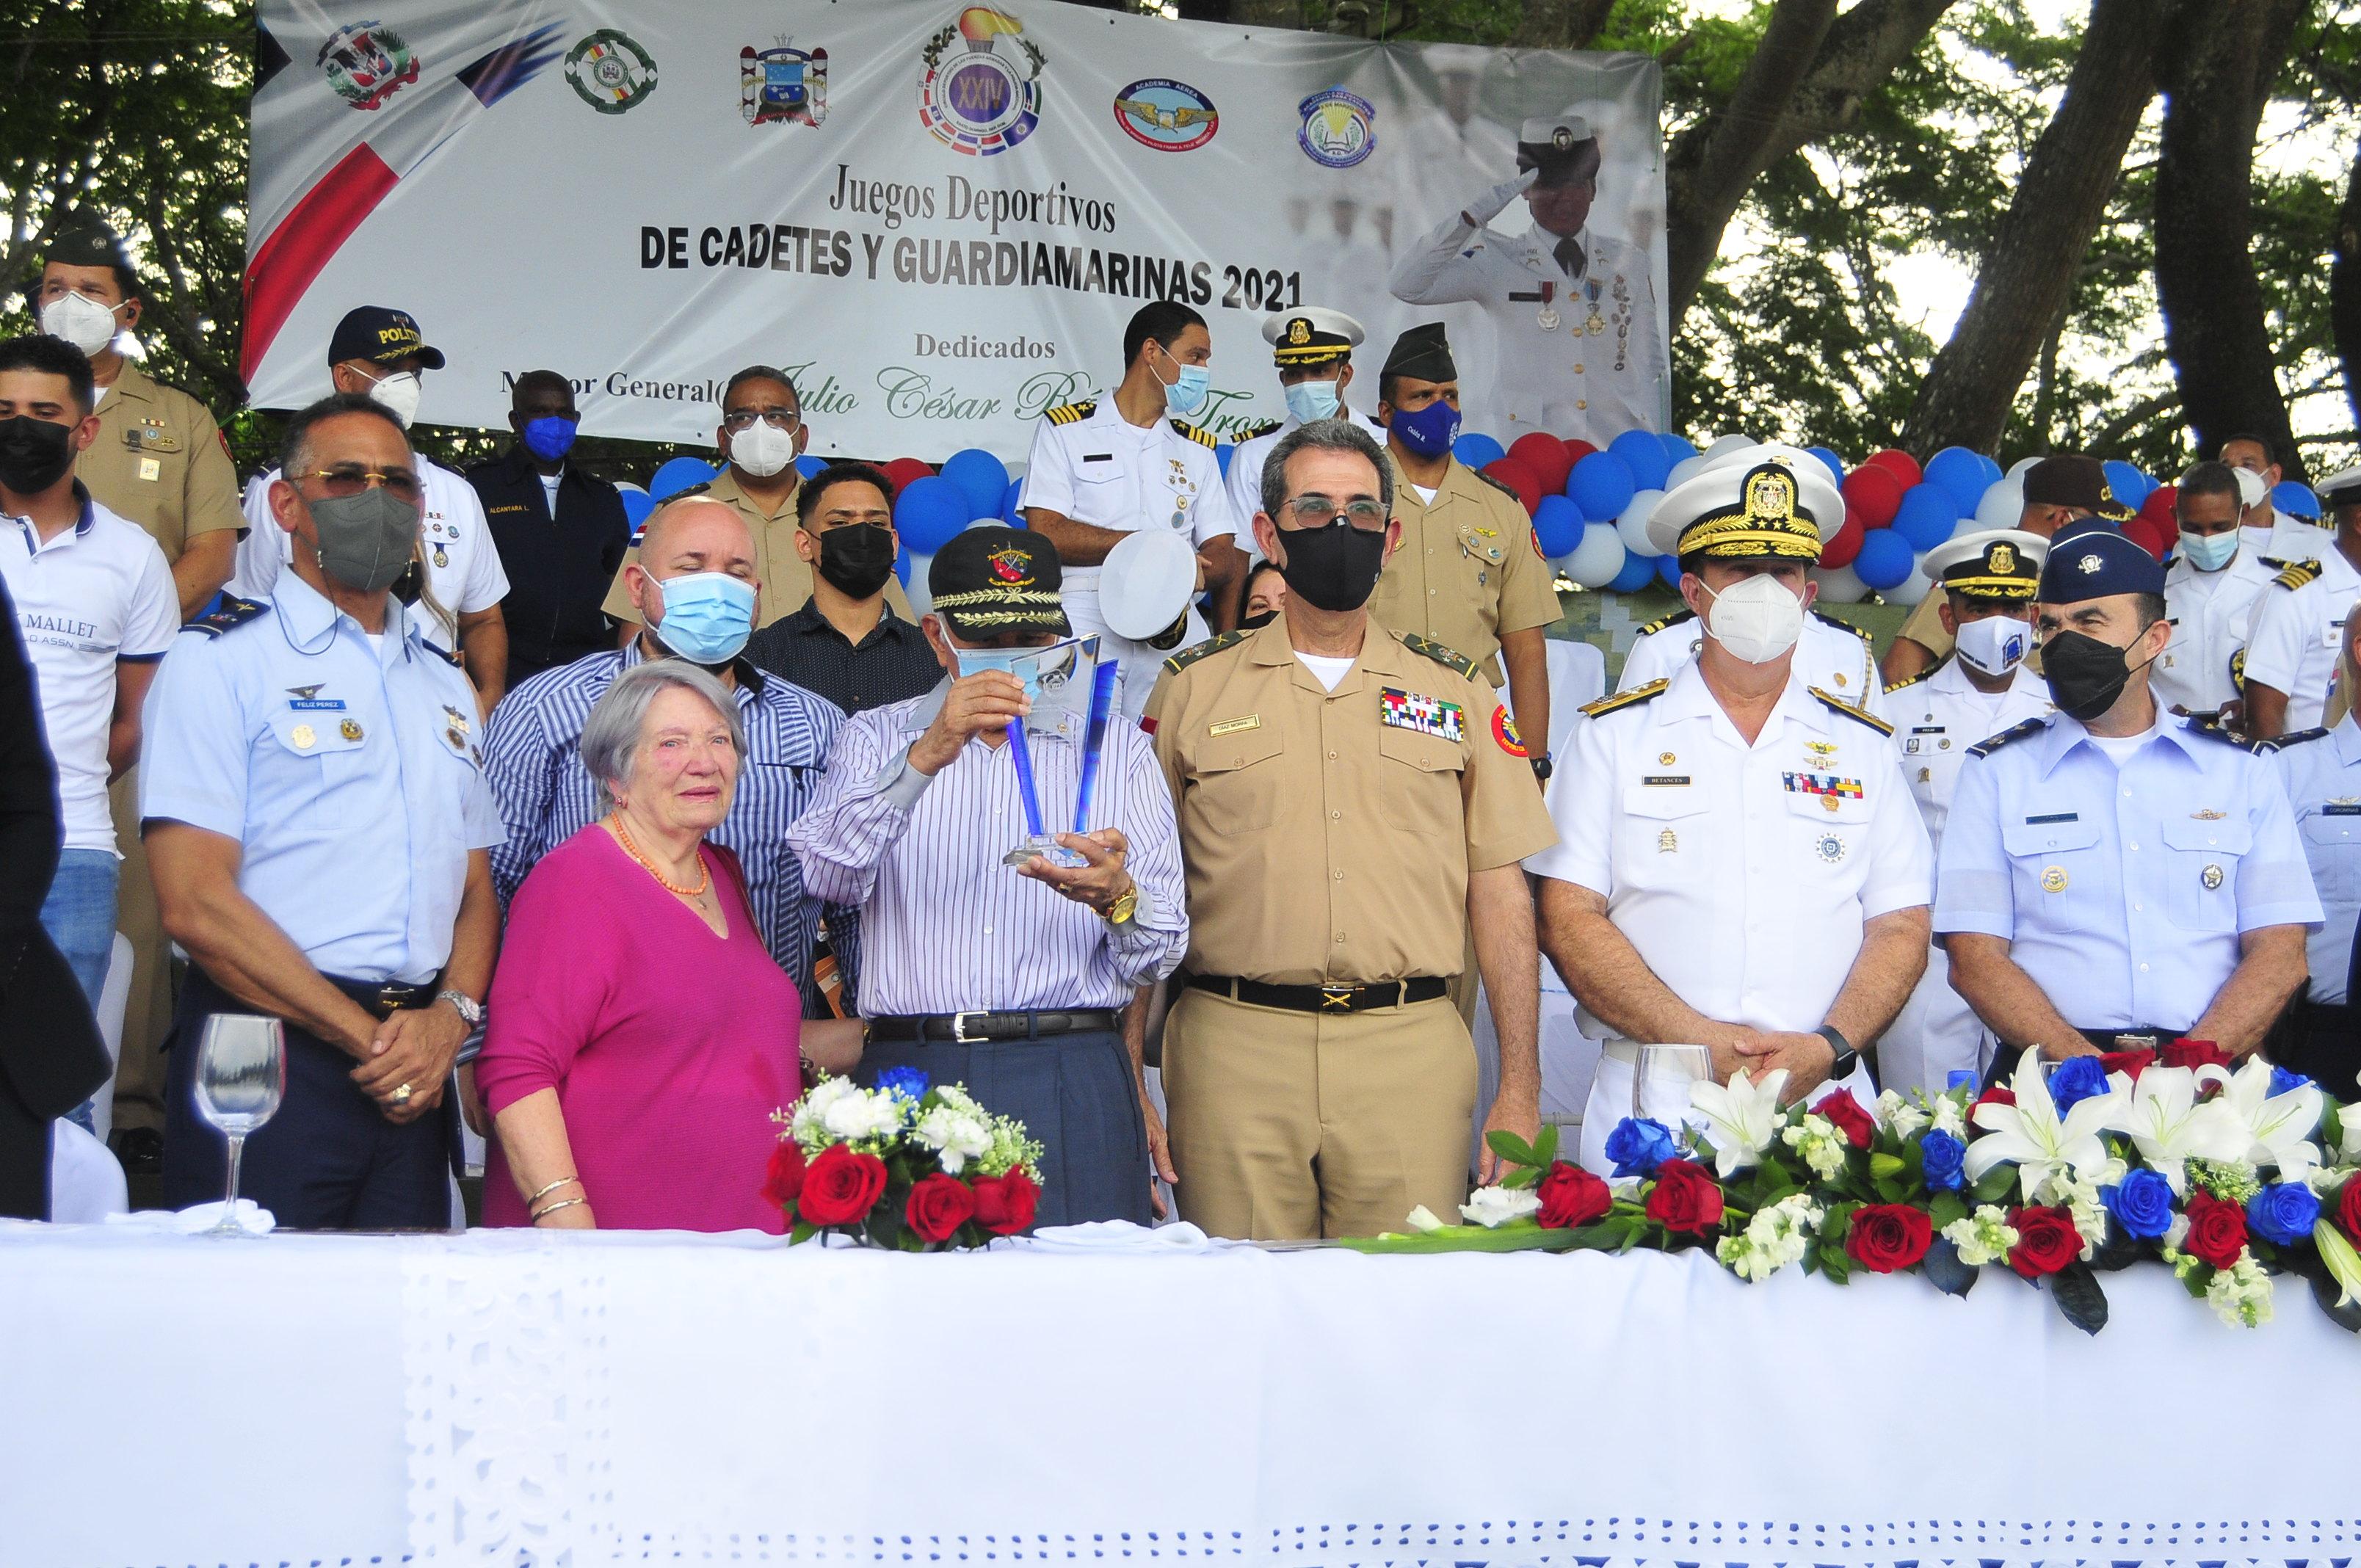 Inauguran Juegos Deportivo de Cadetes y Guardiamarinas